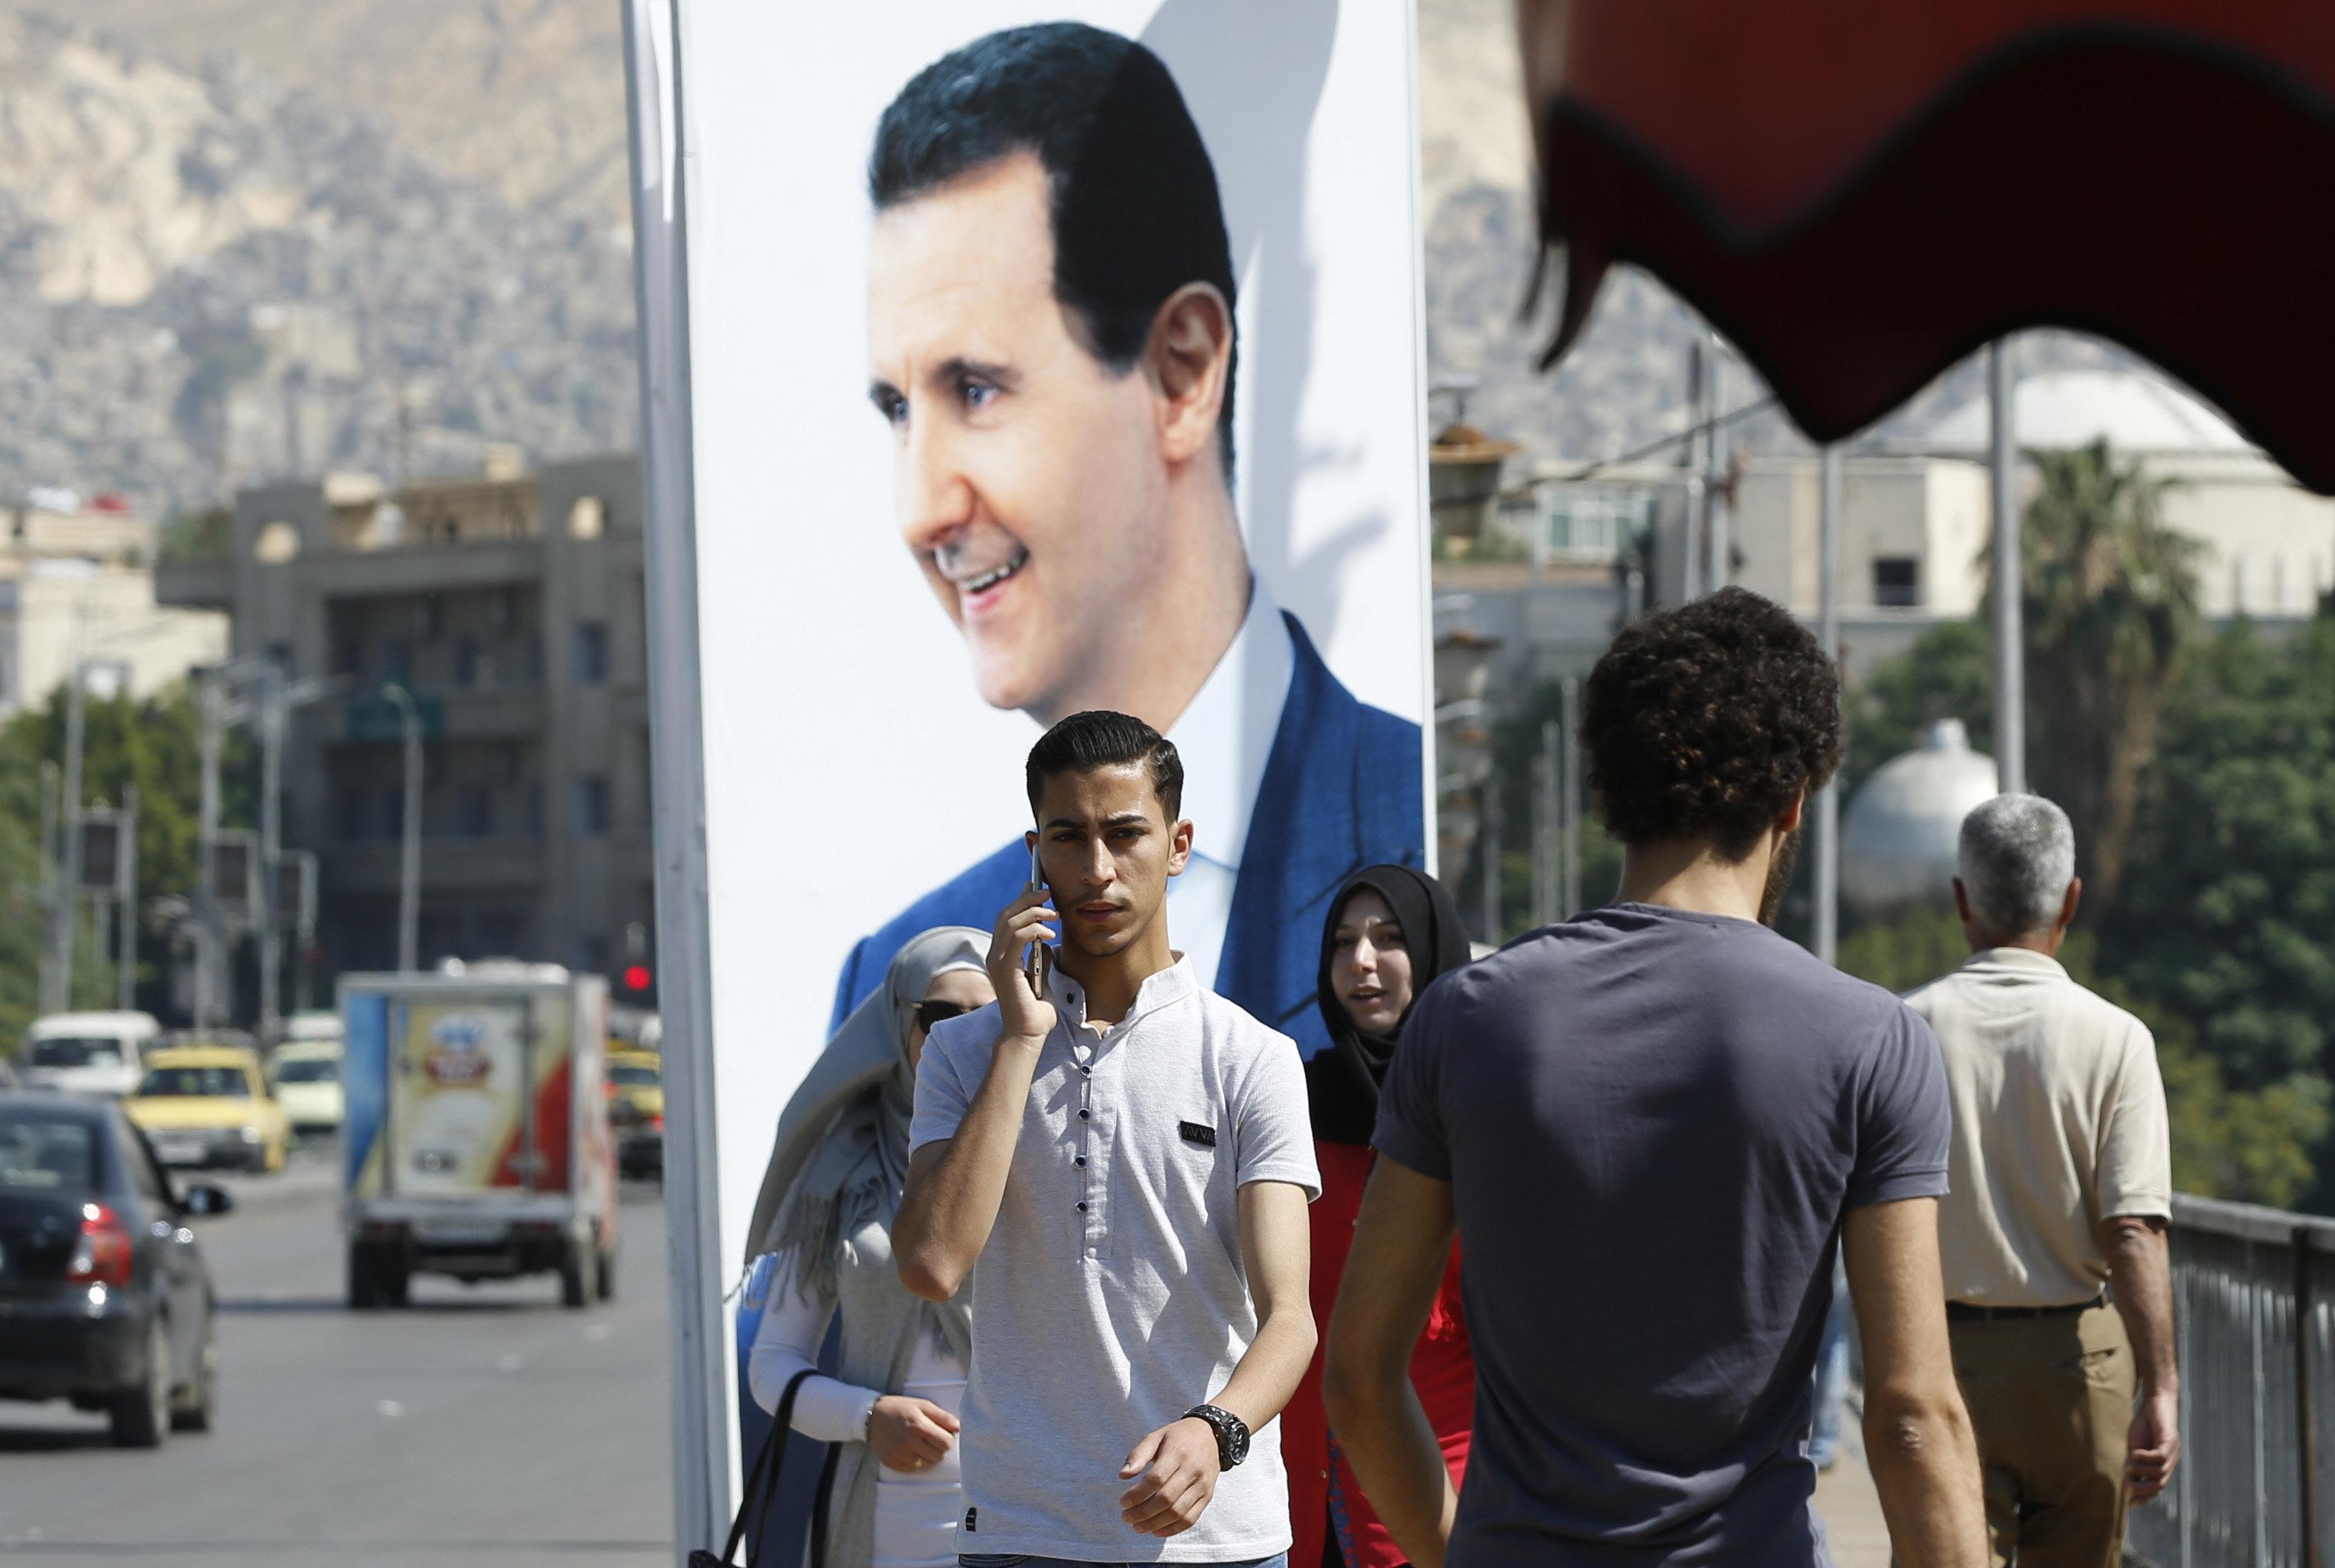 Ο Άσαντ θα συναντηθεί με τον Κιμ Γιονγκ Ουν στη Βόρεια